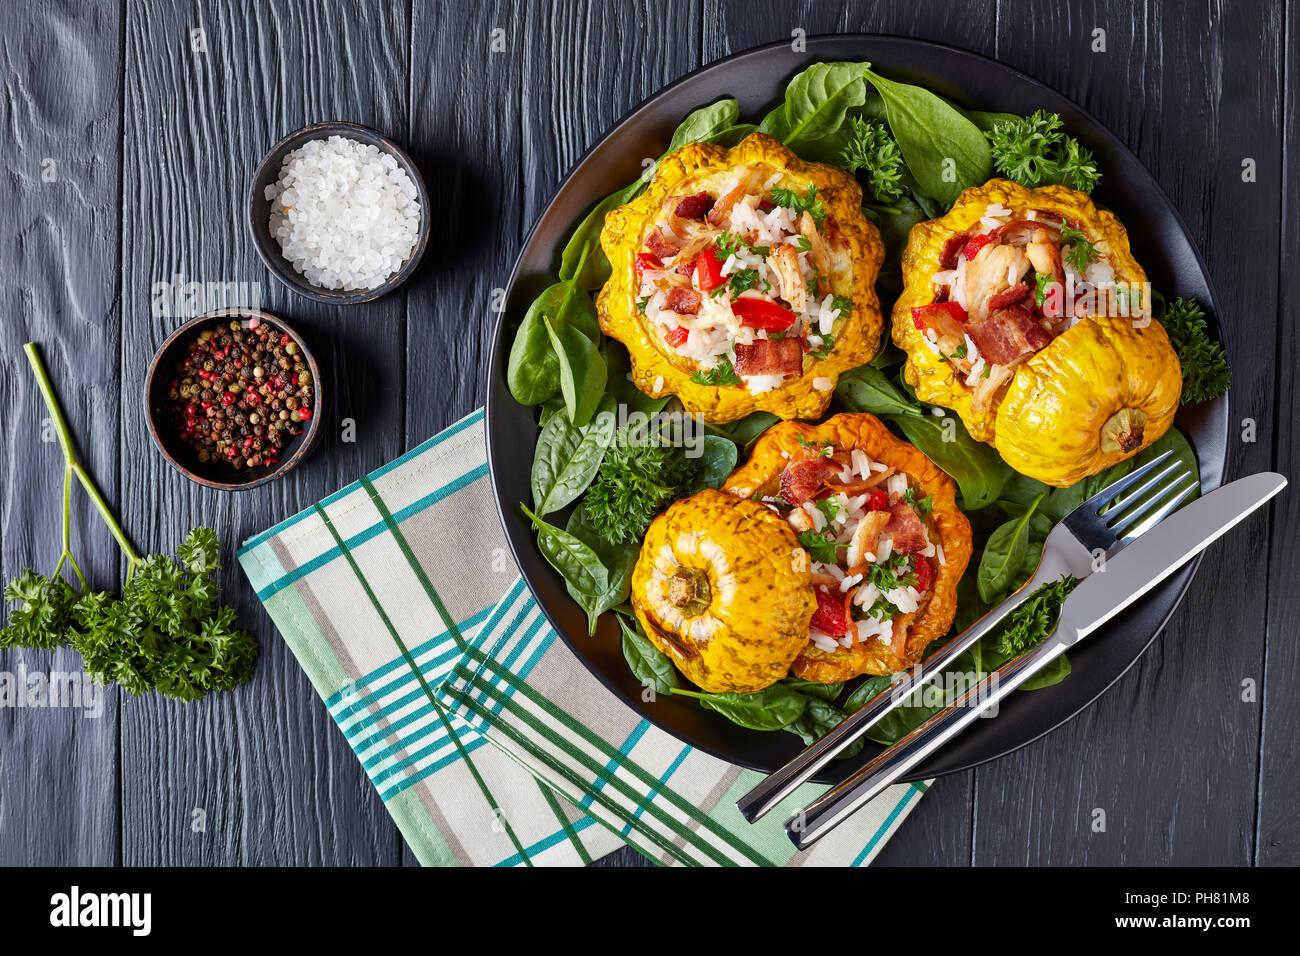 Close-up d'Pattypan au four farcies de riz, de squash de la viande de poulet frit, croustillant de lard grillé, poivron rouge et servi avec des épinards et parsl Photo Stock